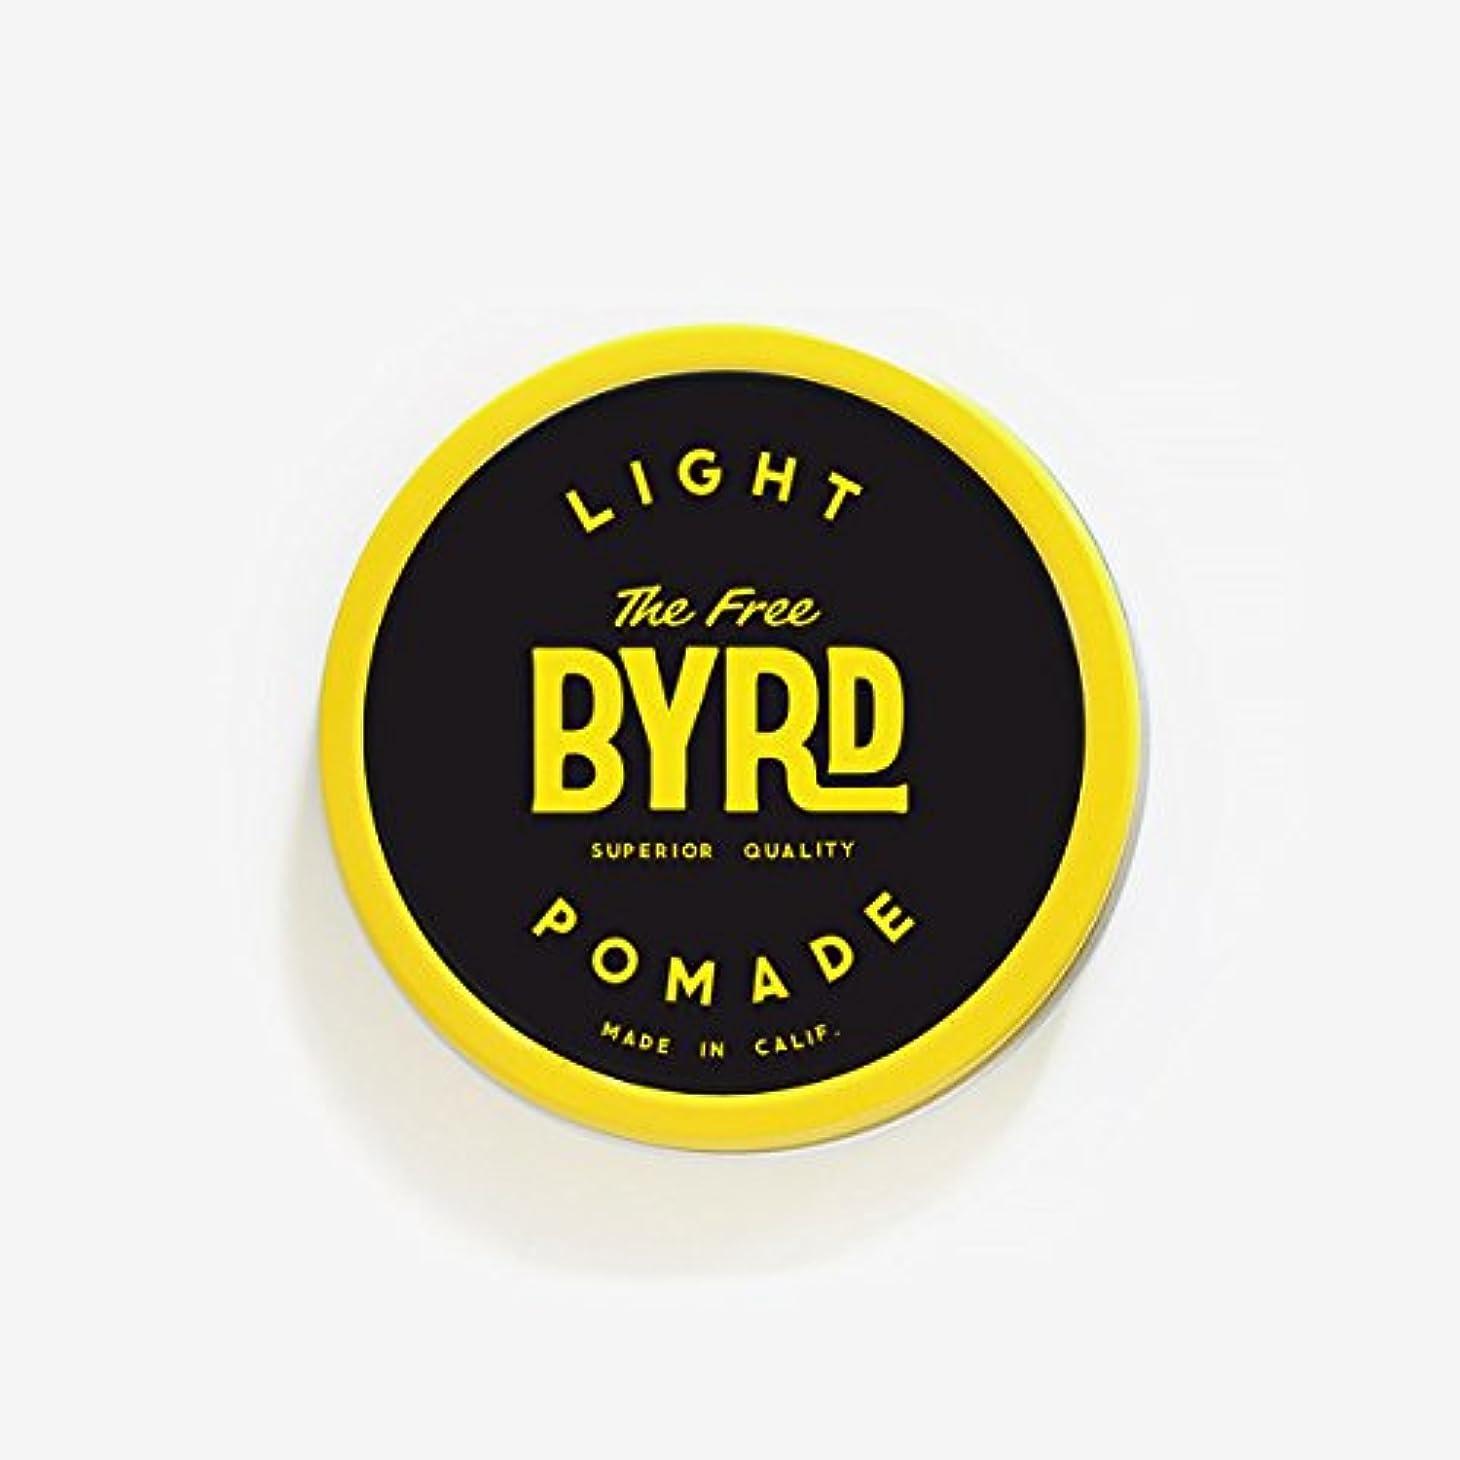 腐食する奨励しますプレーヤーバード(BYRD) カリフォルニア発ポマード288 LIGHT POMADE SMALL(スモールサイズ)ライトスタイルヘアワックスヘアスタイリング剤耐水性香料メンズ/レディース 【LIGHT】SMALL